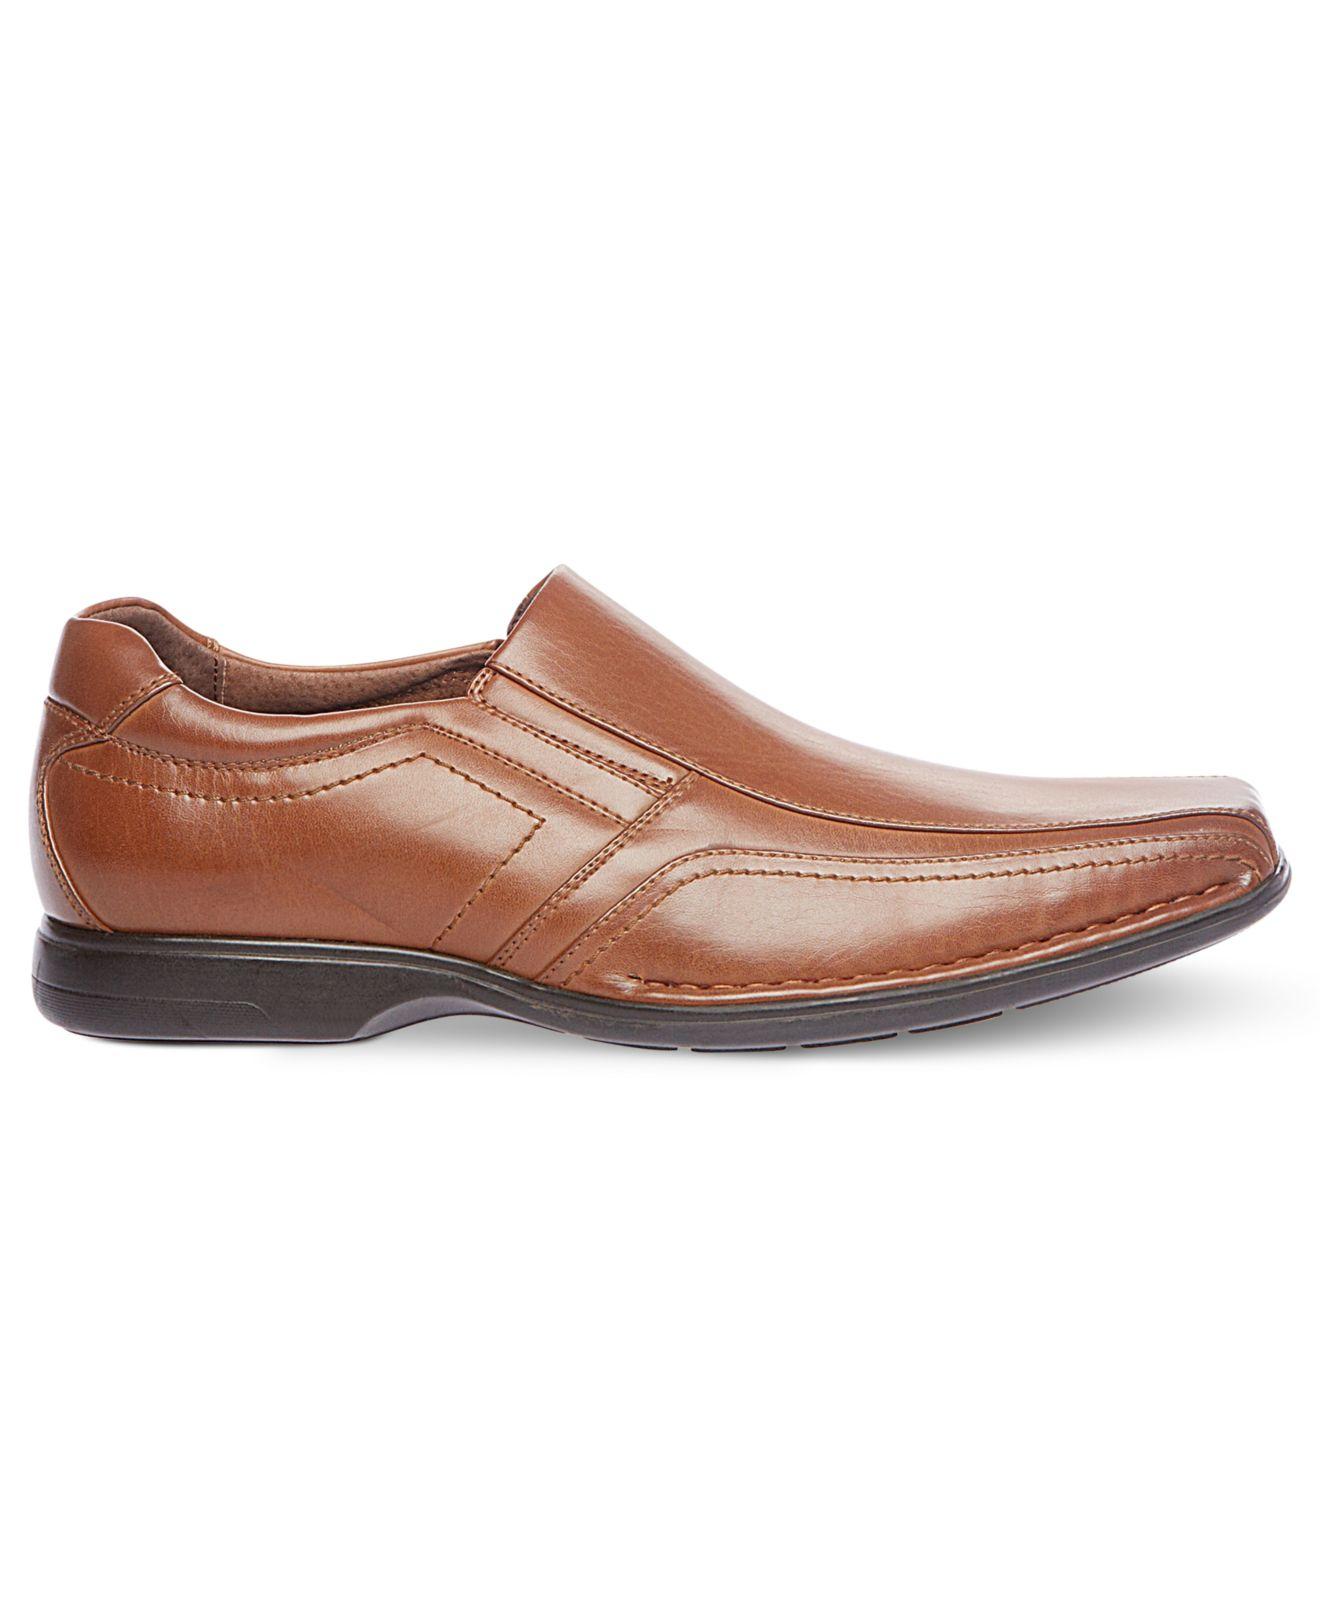 1be93911cdb Steve Madden Brown Madden Nelson Slip-on Shoes for men